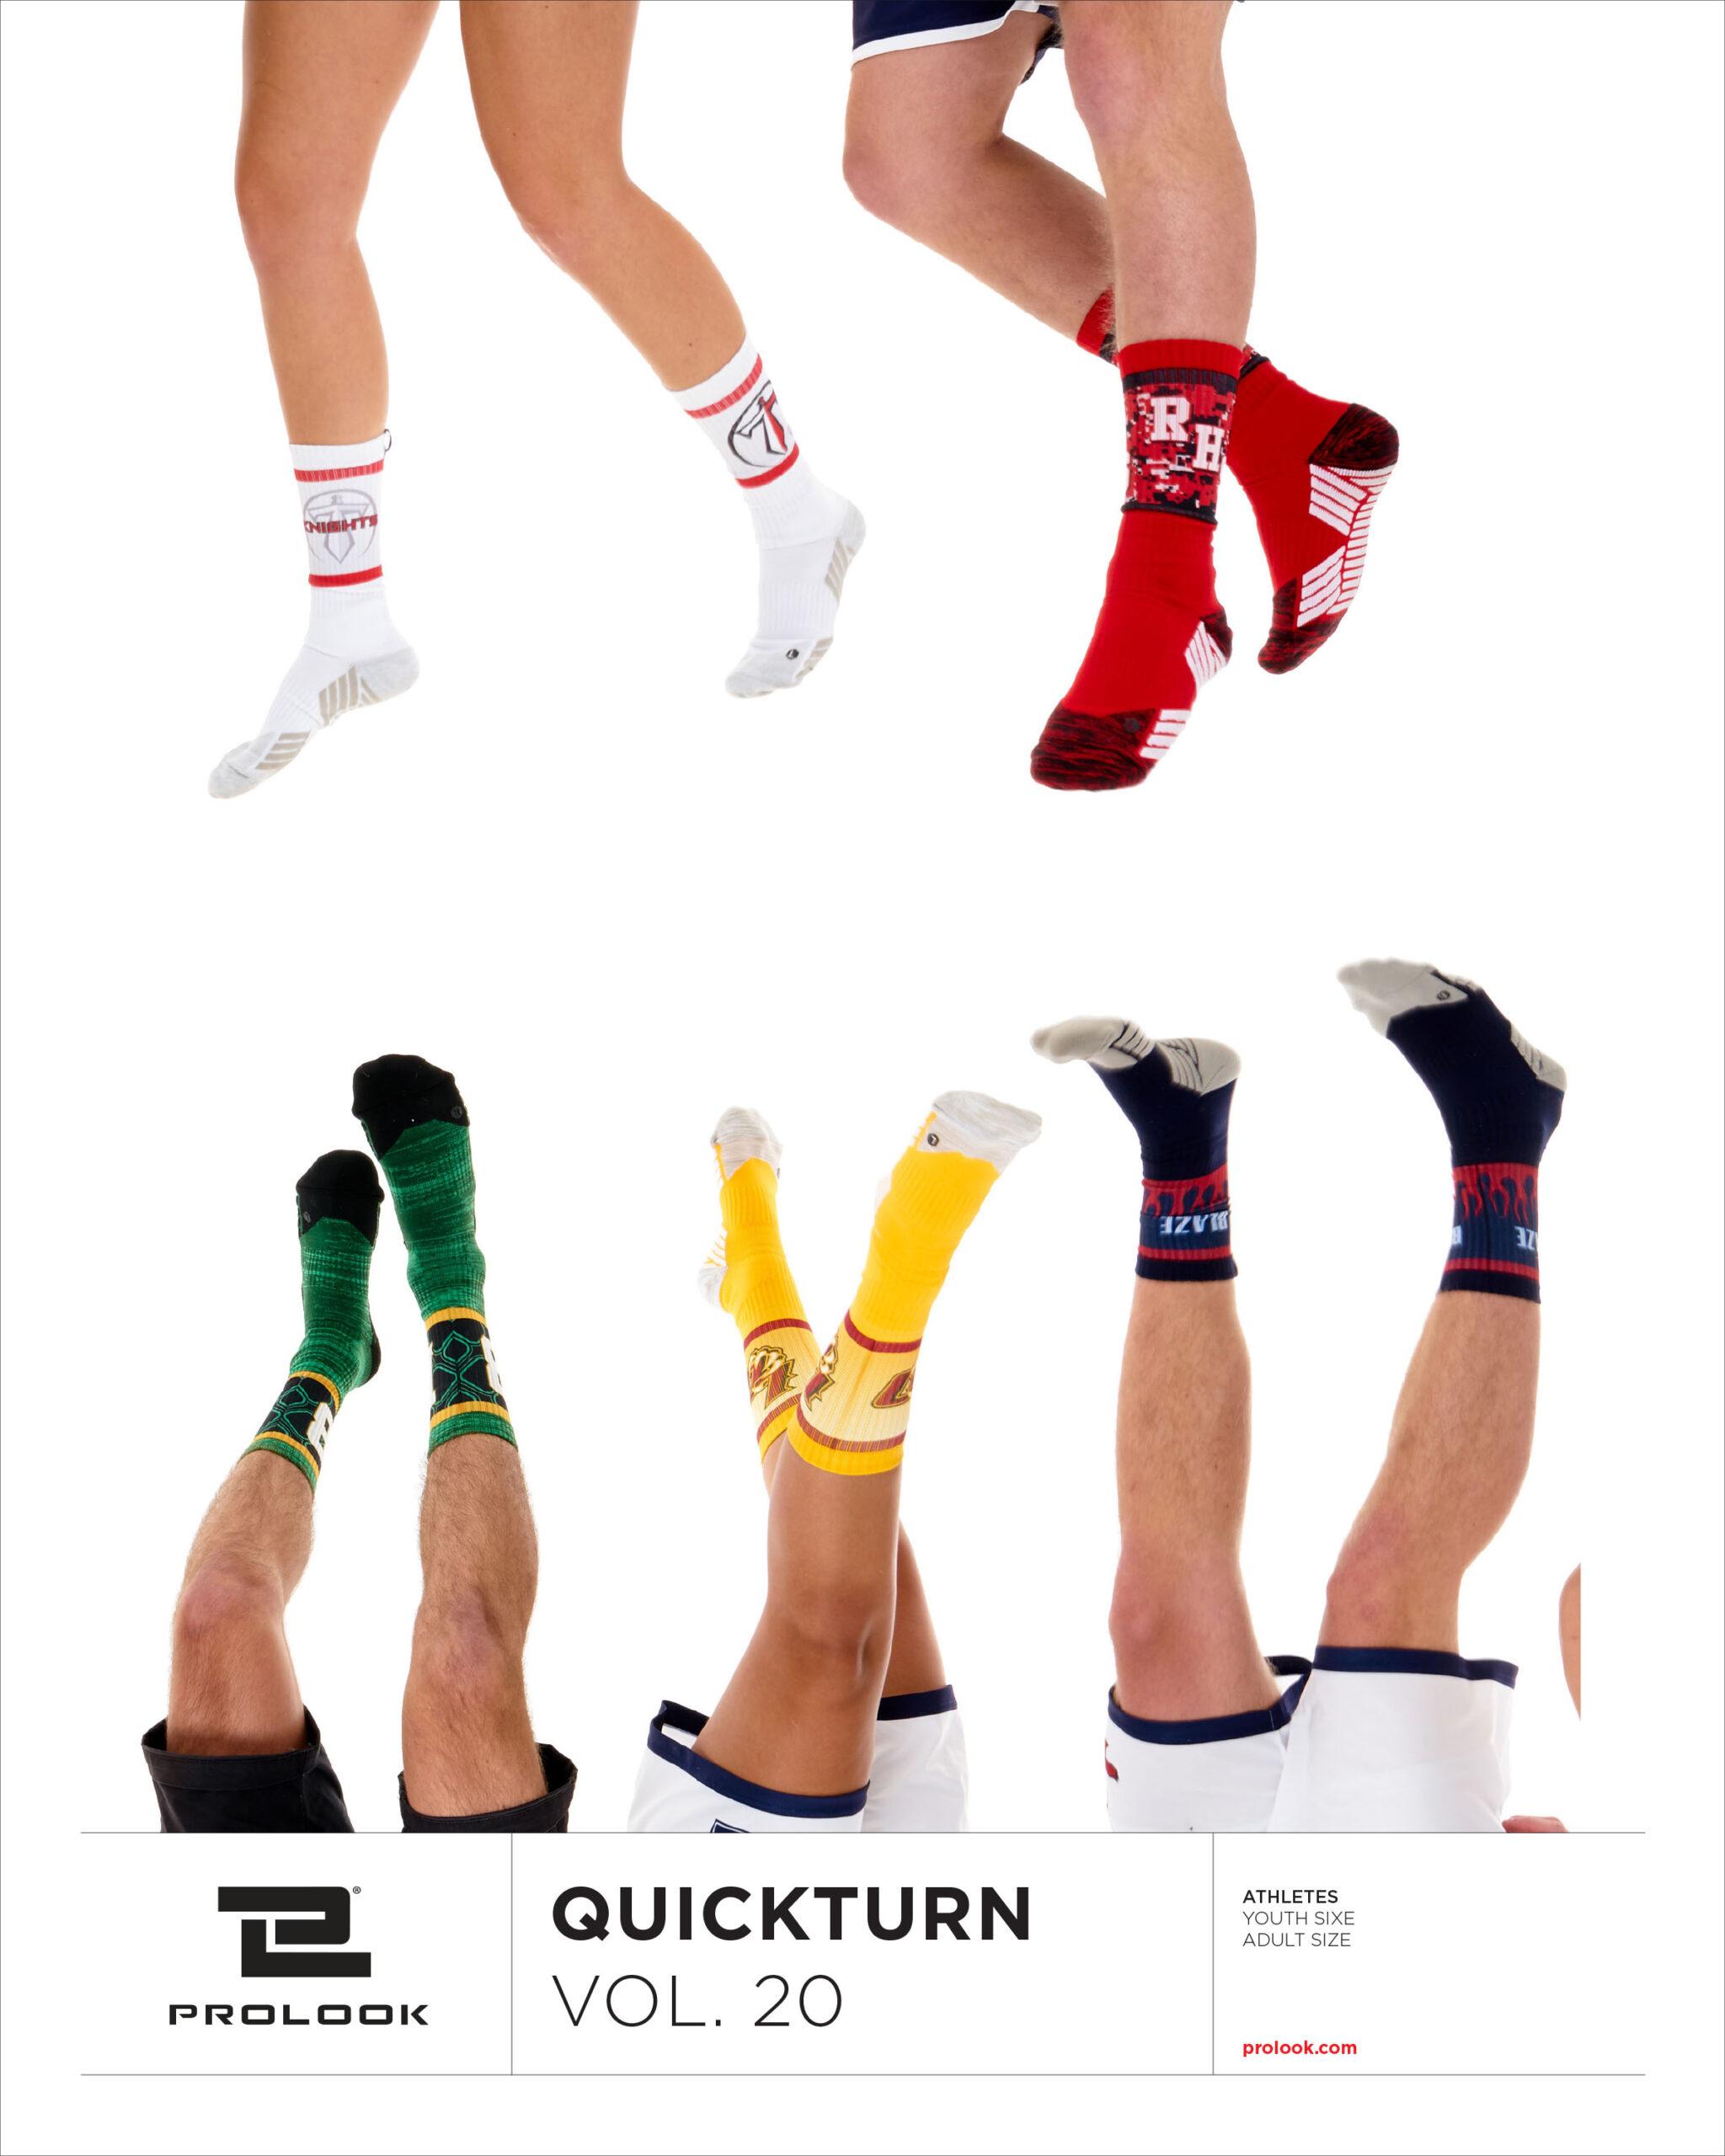 Quickturn